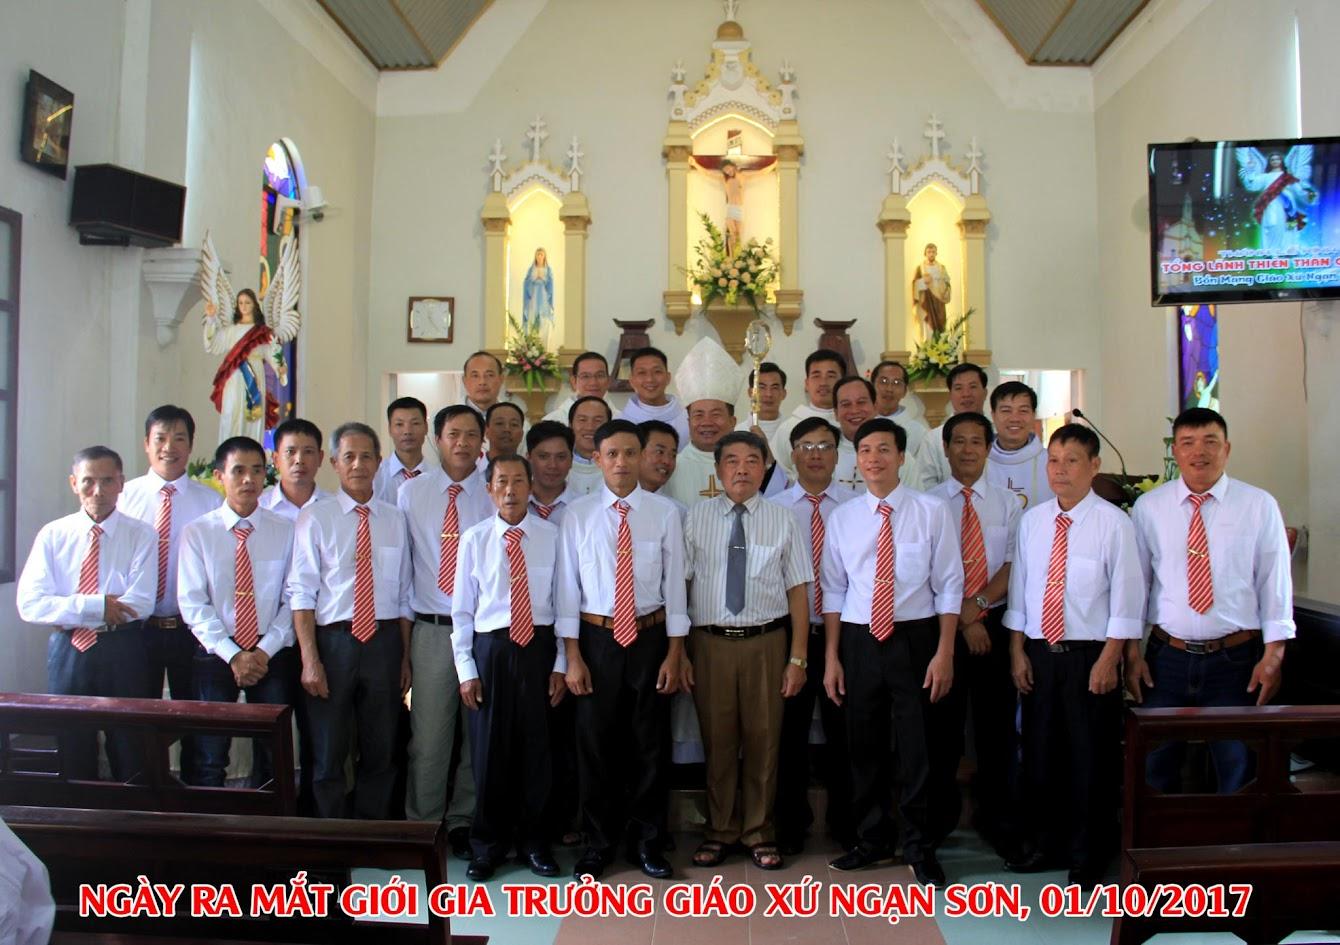 Giáo xứ Ngạn Sơn: Thánh lễ Bổn mạng và Làm phép Nhà mới - Ảnh minh hoạ 26